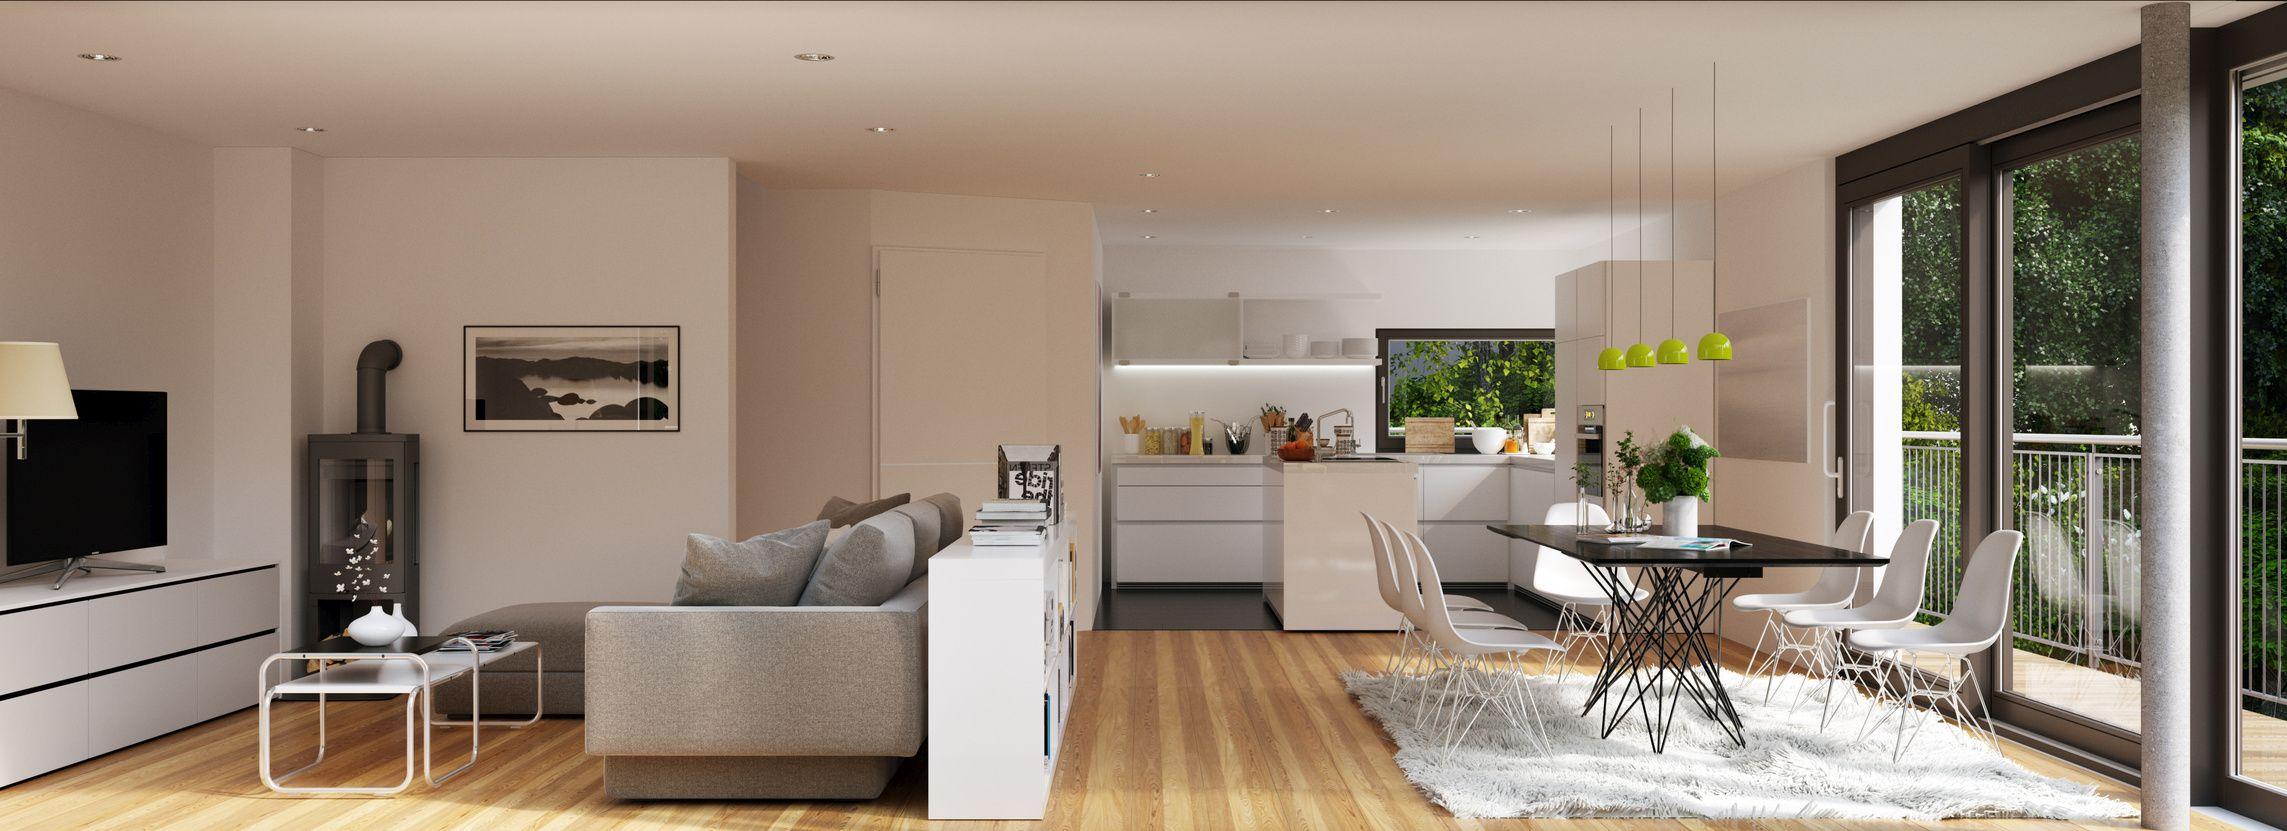 was kosten neue fenster was kosten kunststofffenster was kosten haust ren was kosten fenster. Black Bedroom Furniture Sets. Home Design Ideas